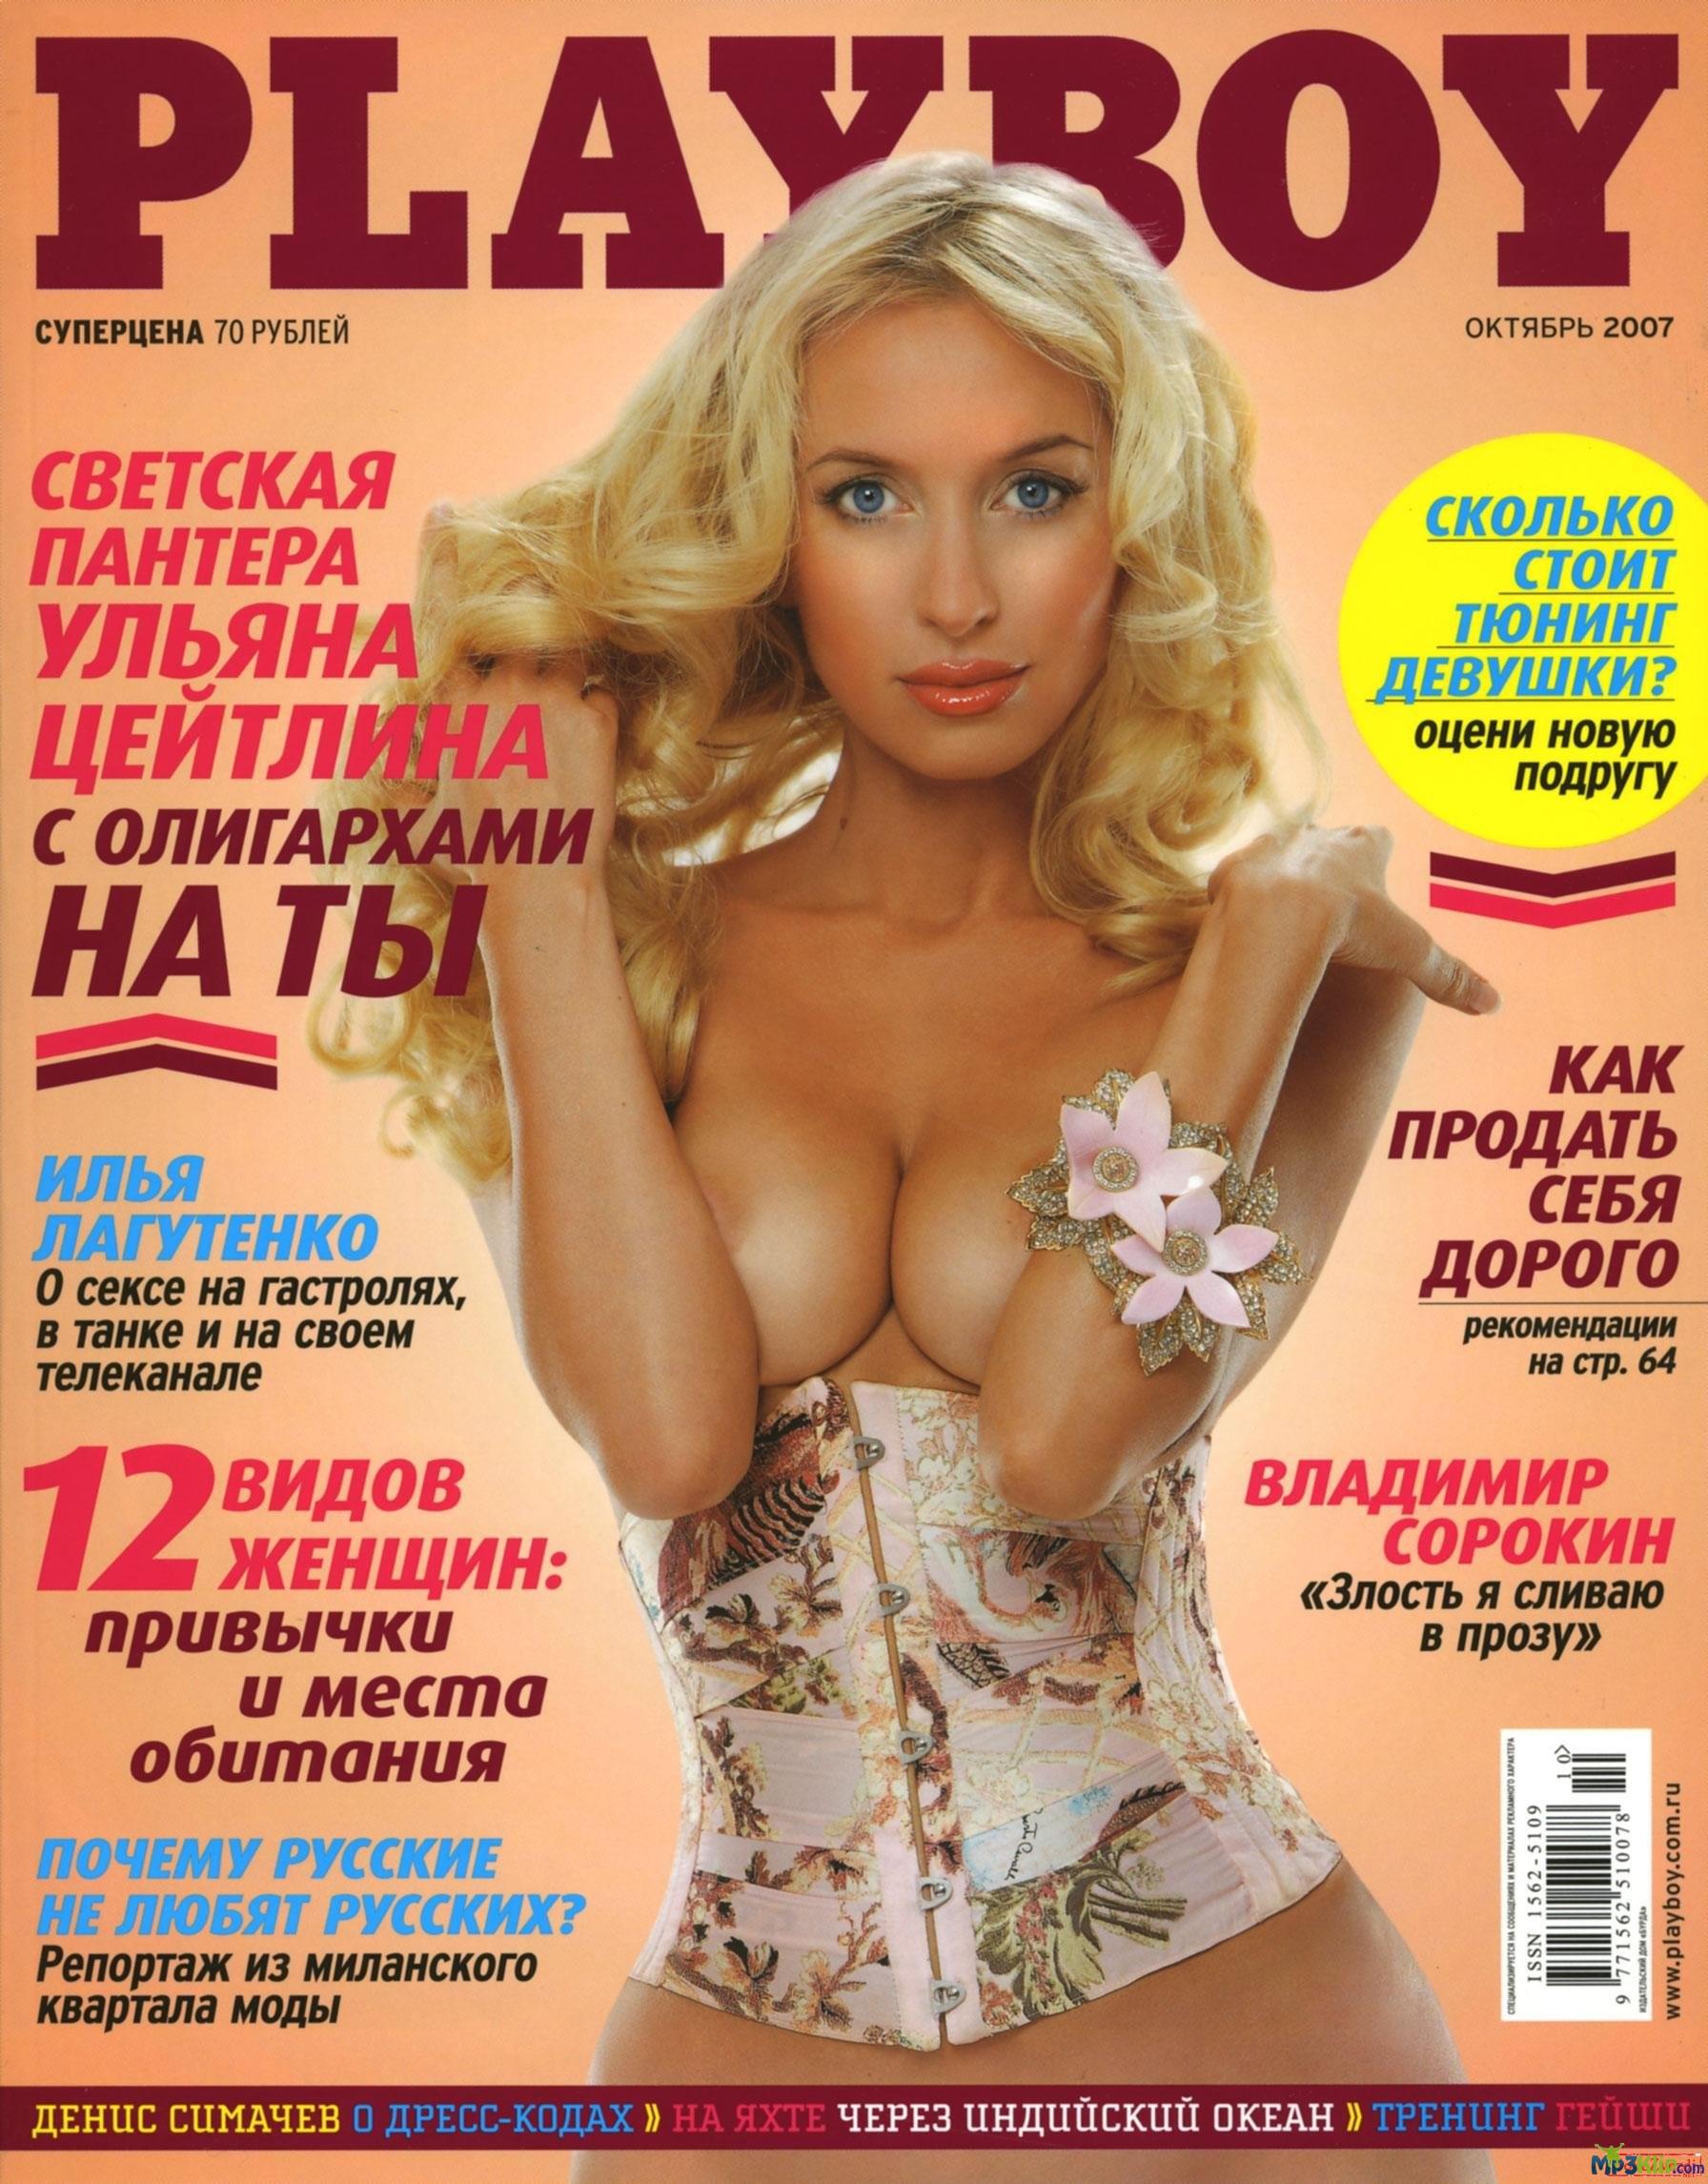 Журнал голые девушки смотреть онлайн #3